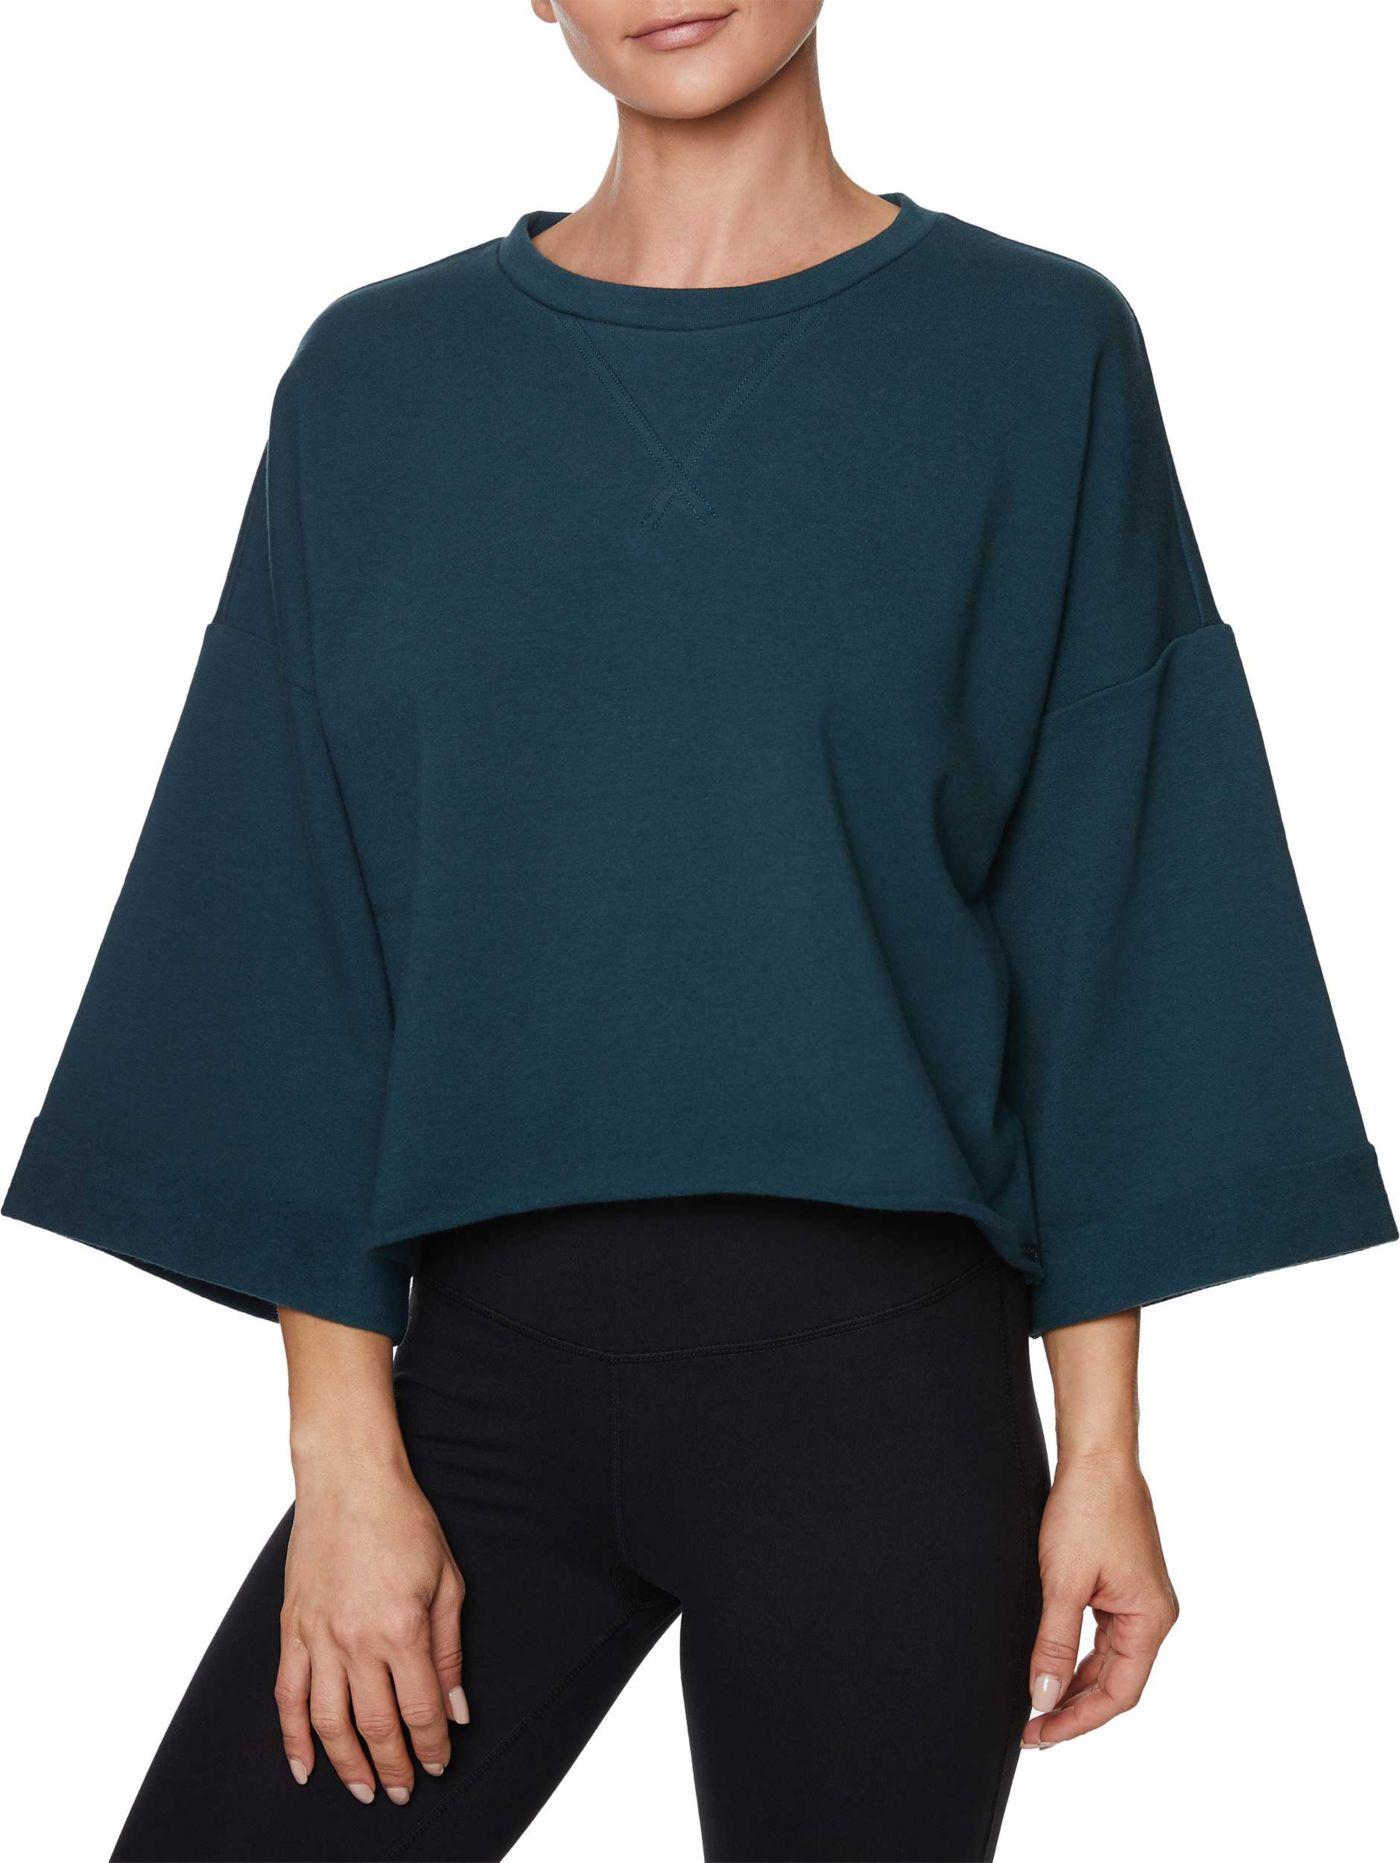 Betsey Johnson Women's Cropped Boxy Sweatshirt